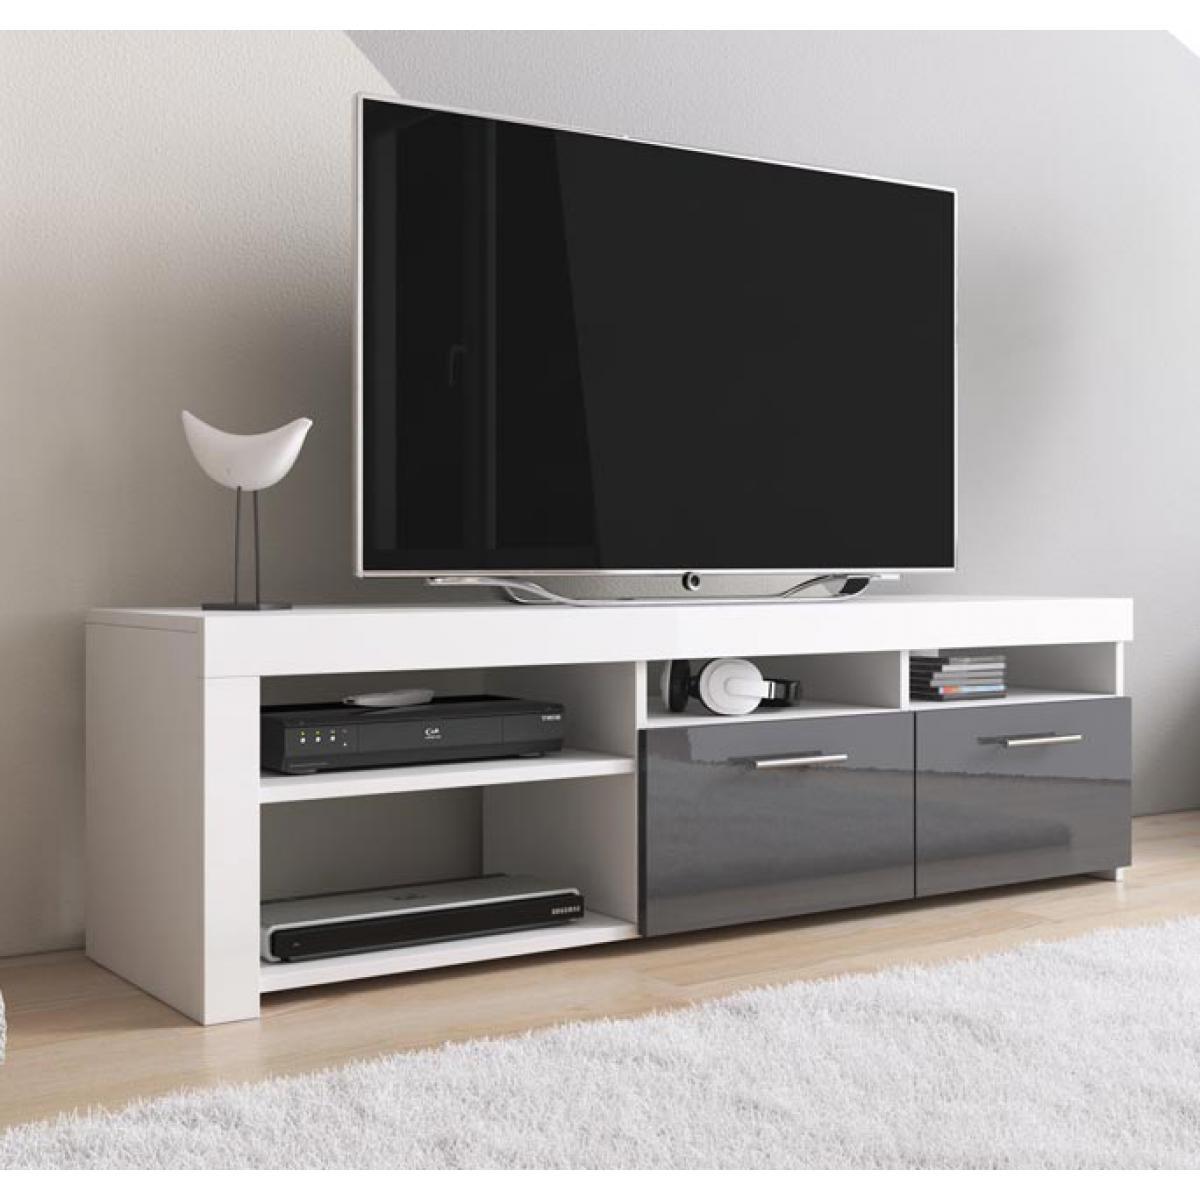 Design Ameublement Meuble TV modèle Clio (140x40cm) couleur blanc et gris